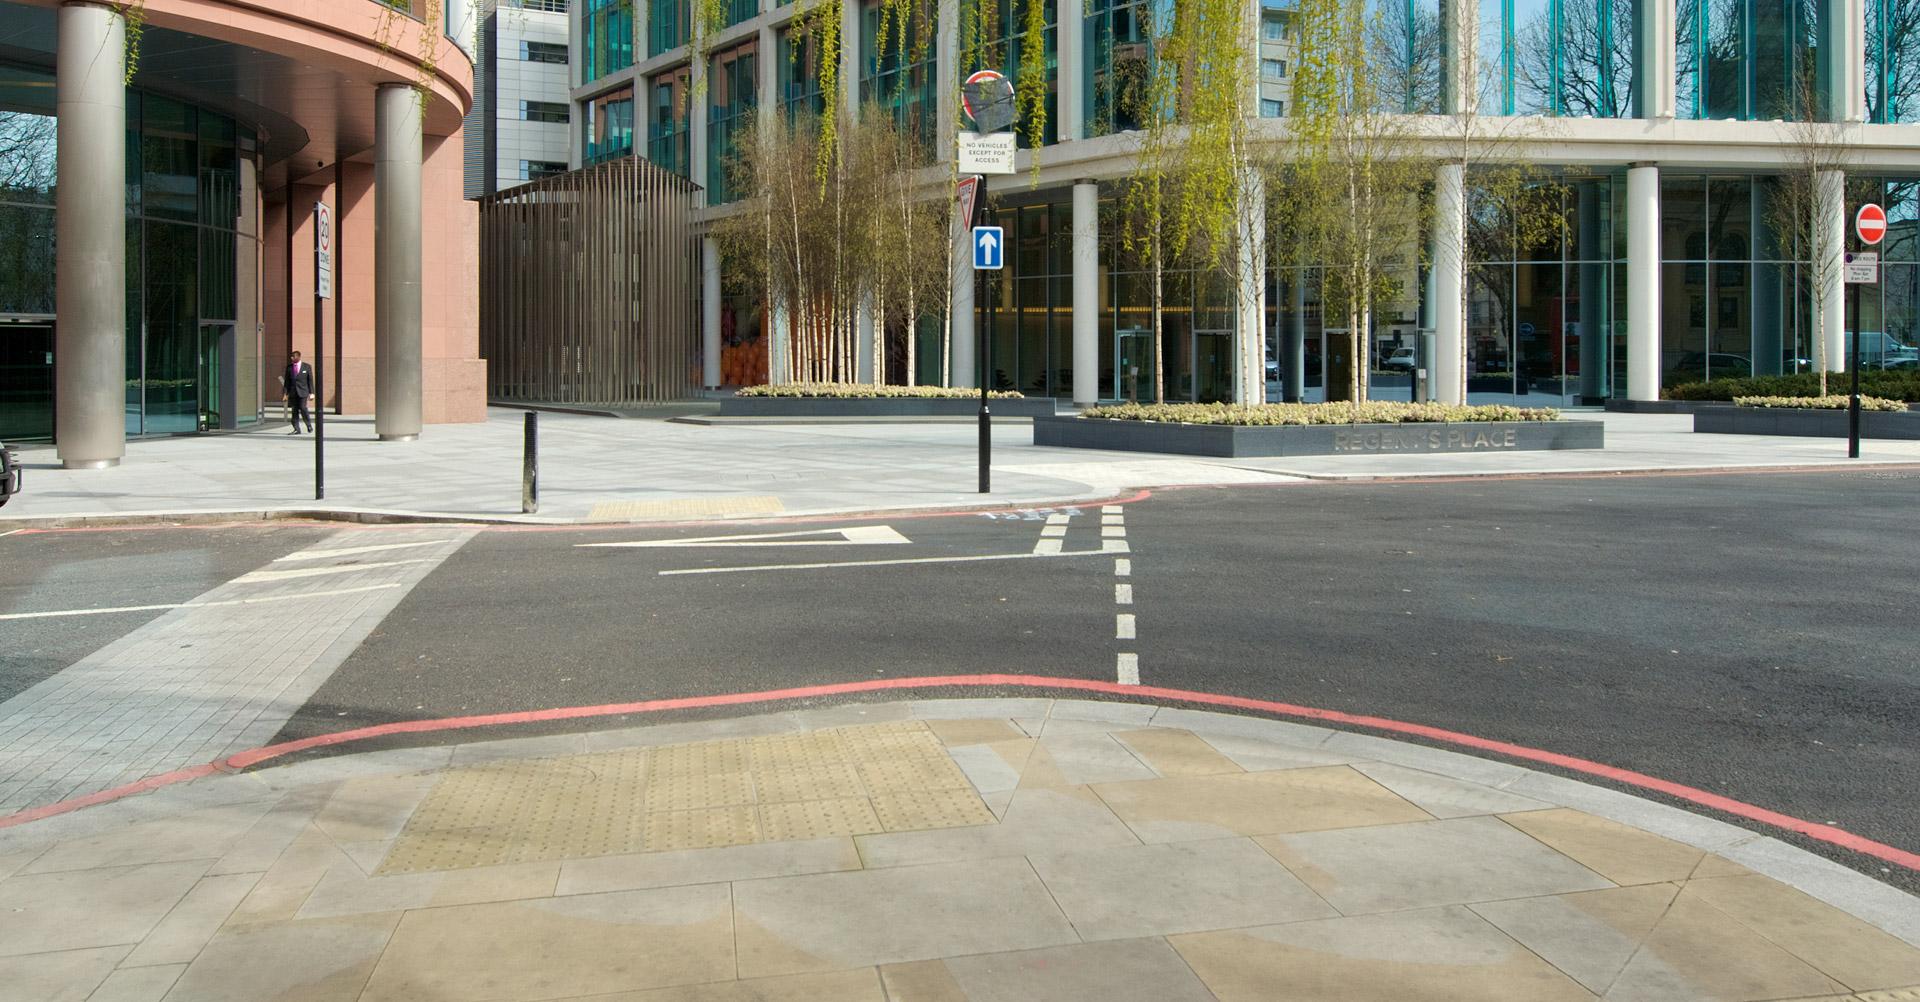 regents-place-london-1